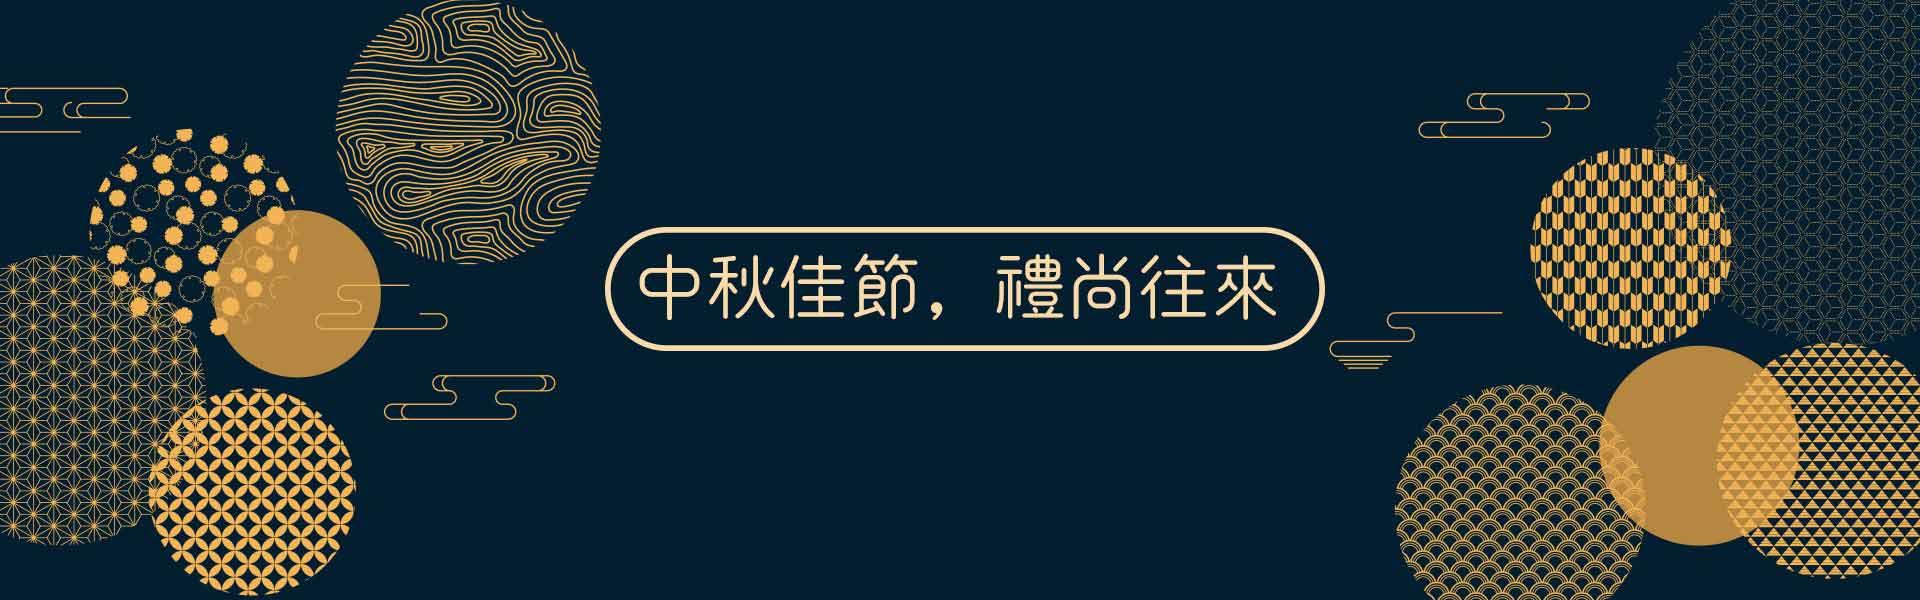 2021歡慶中秋節|SUPERBUY 市集